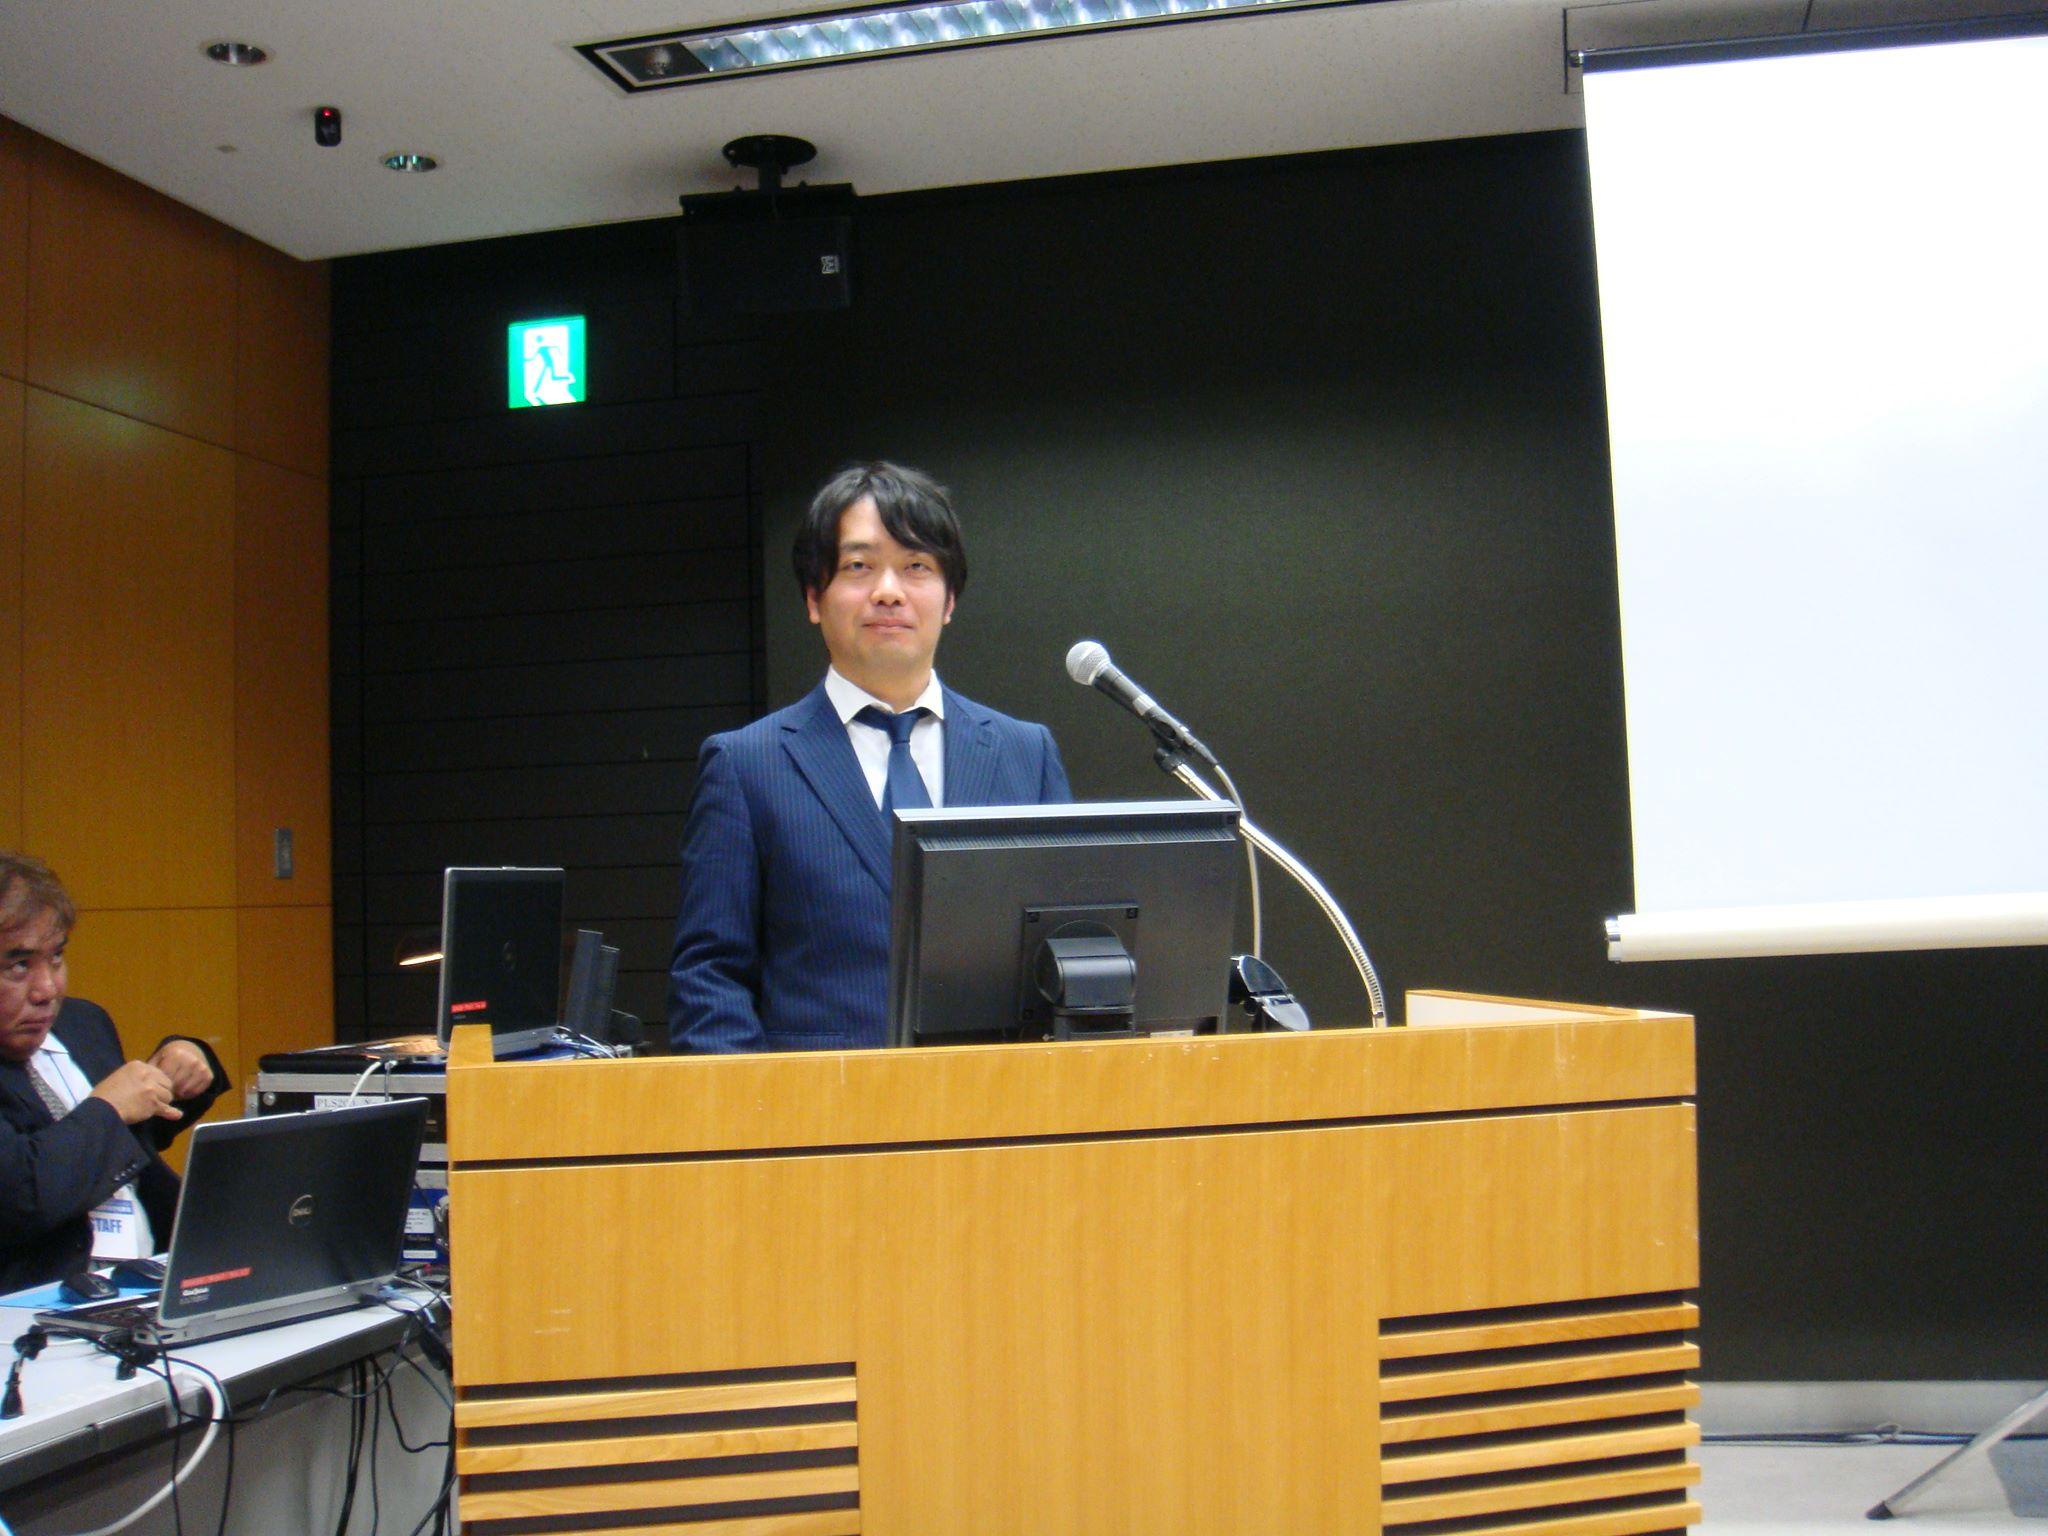 第79回日本血液学会学術集会(杉浦先生)